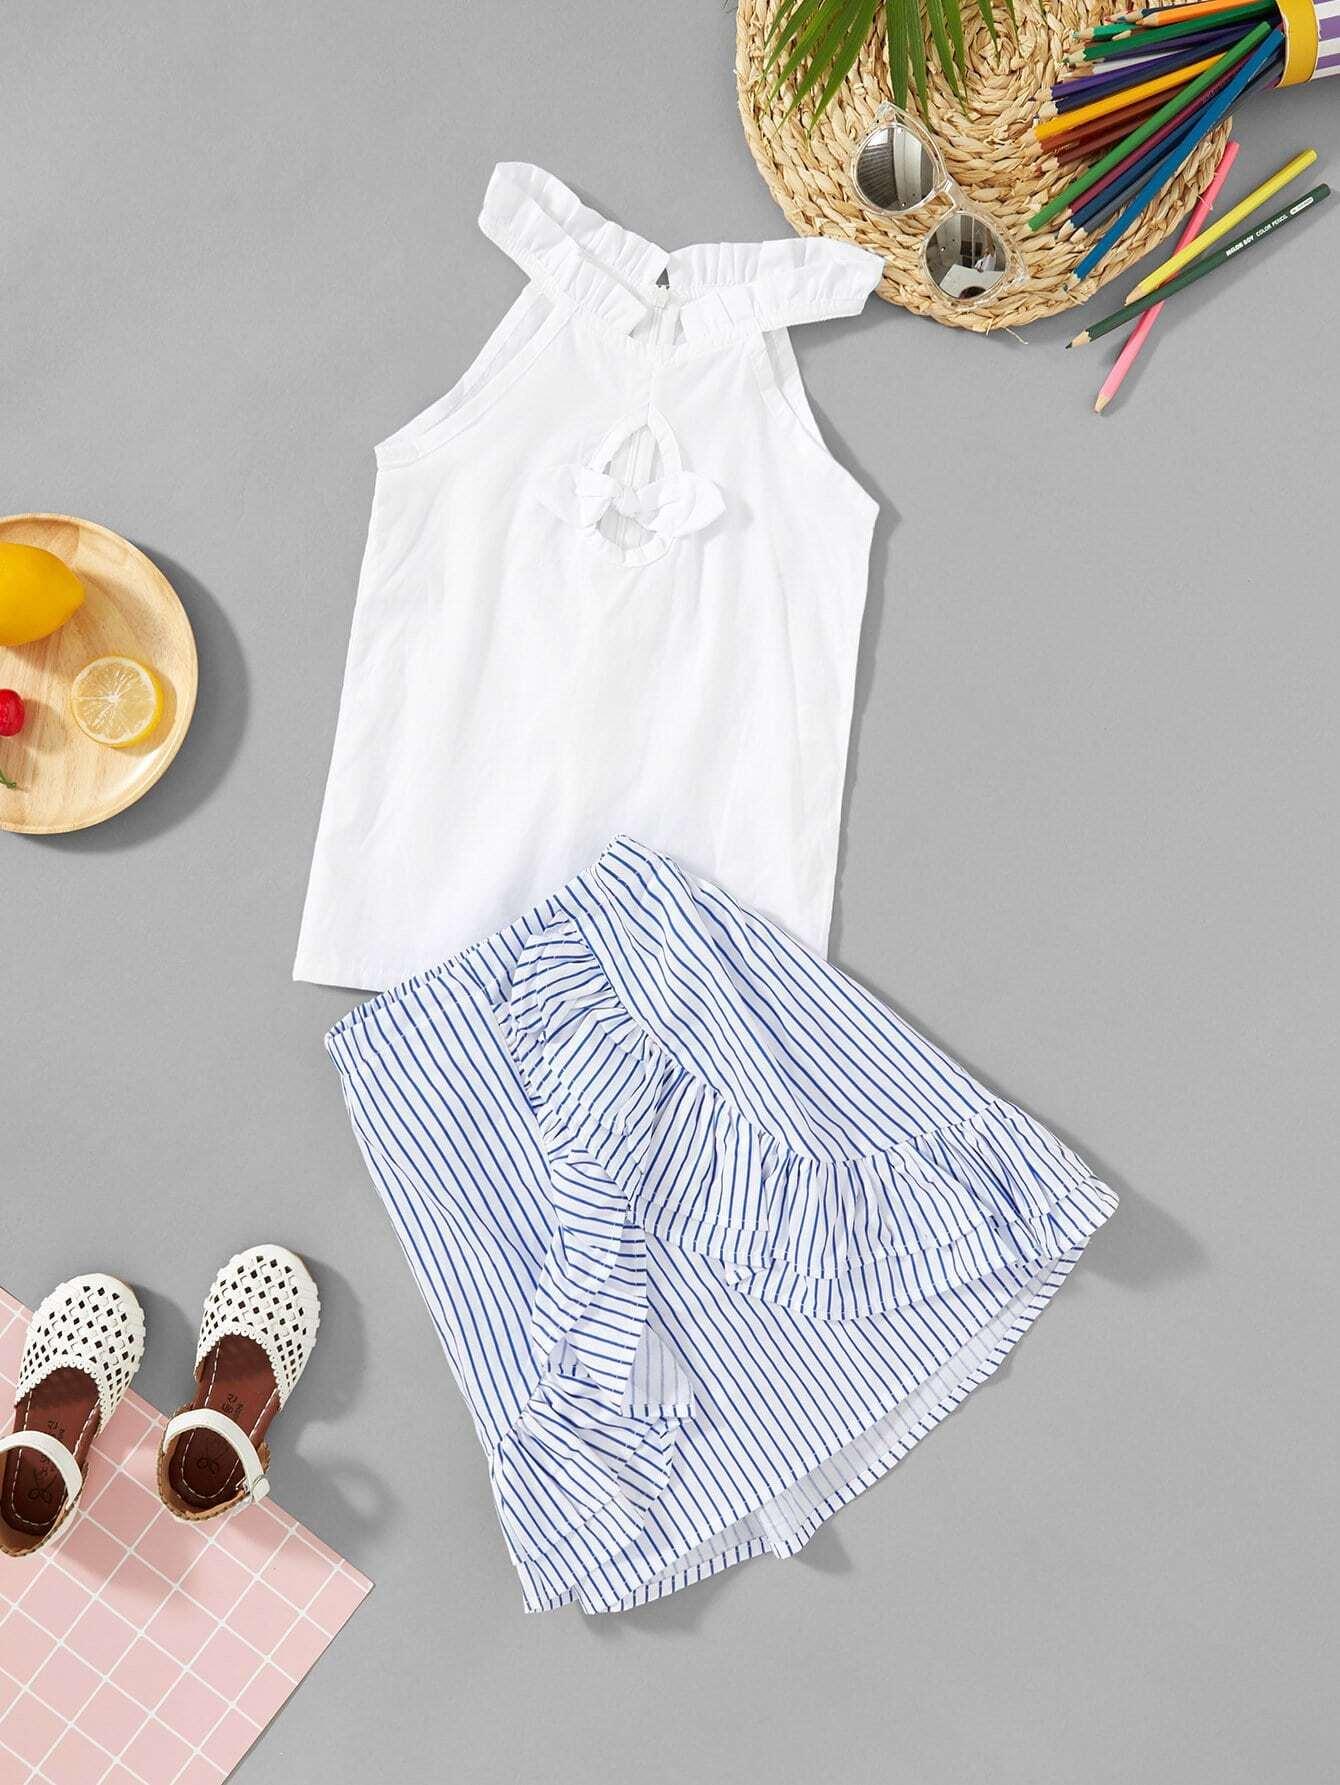 Купить Блузка с кружевными оборками и полосатая юбка для девочки, null, SheIn